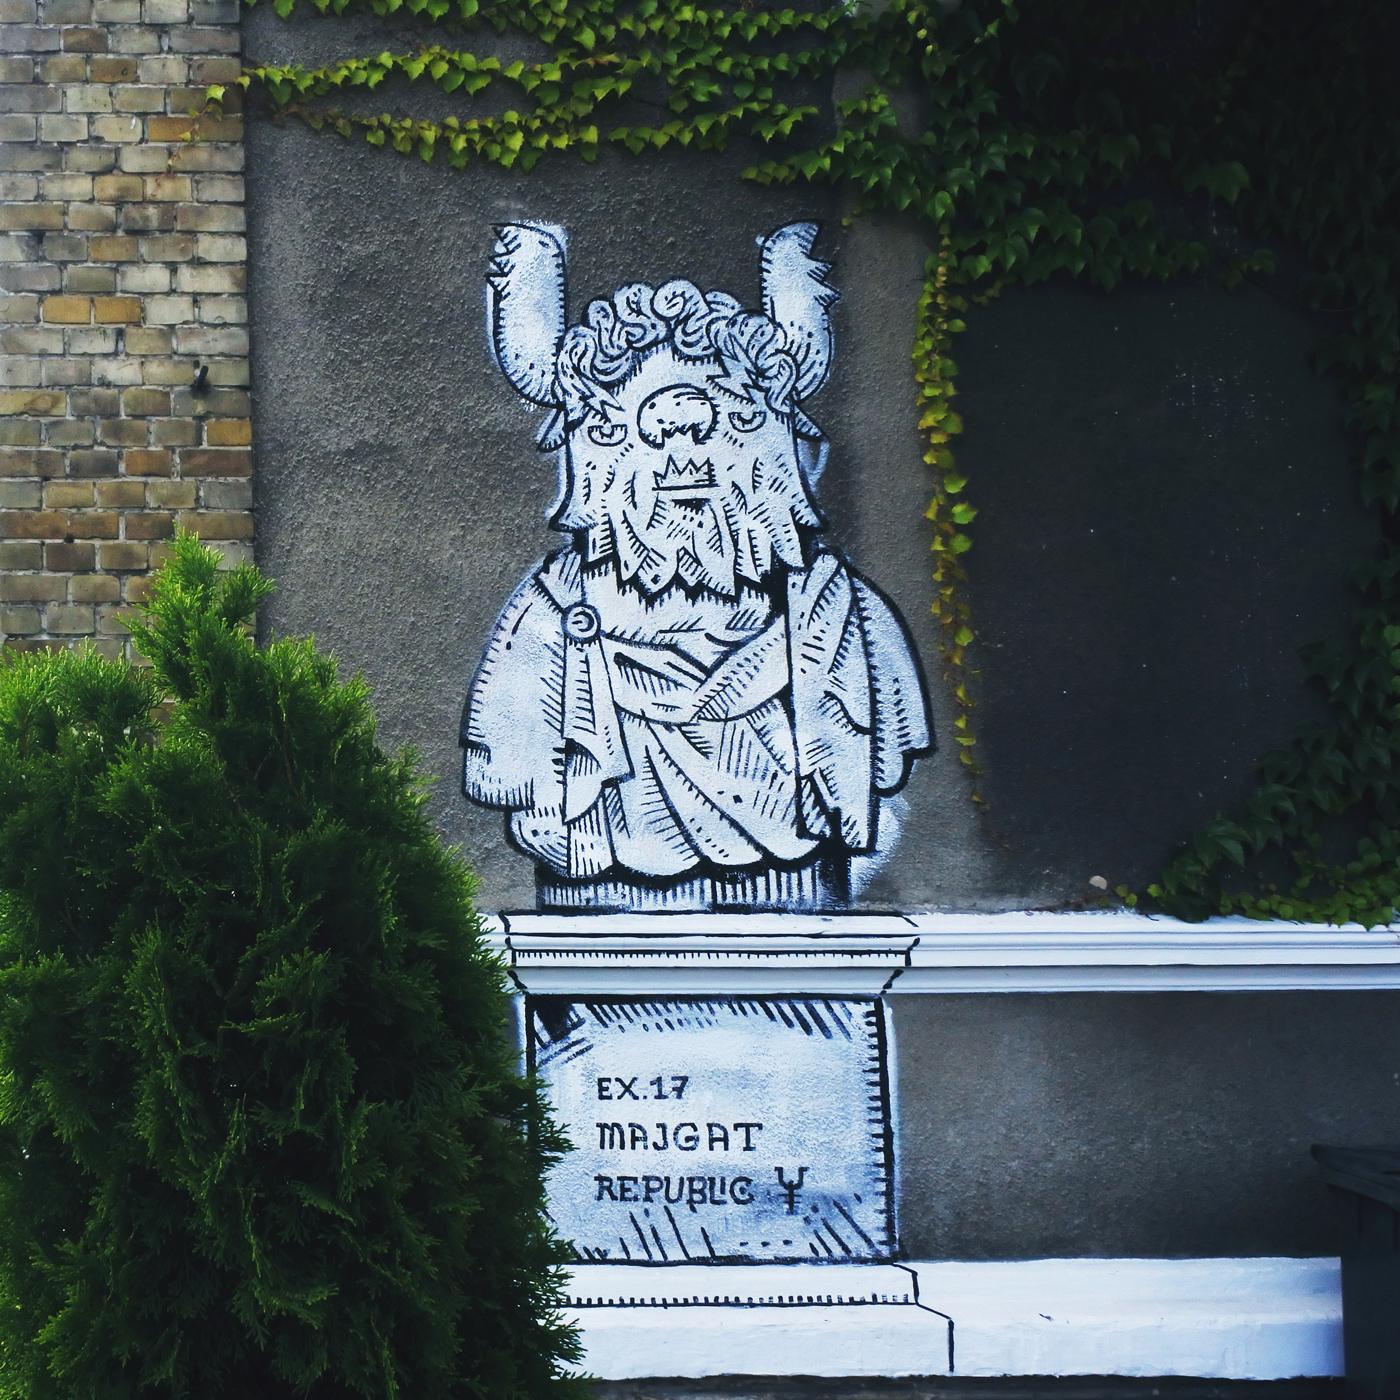 majgat street art